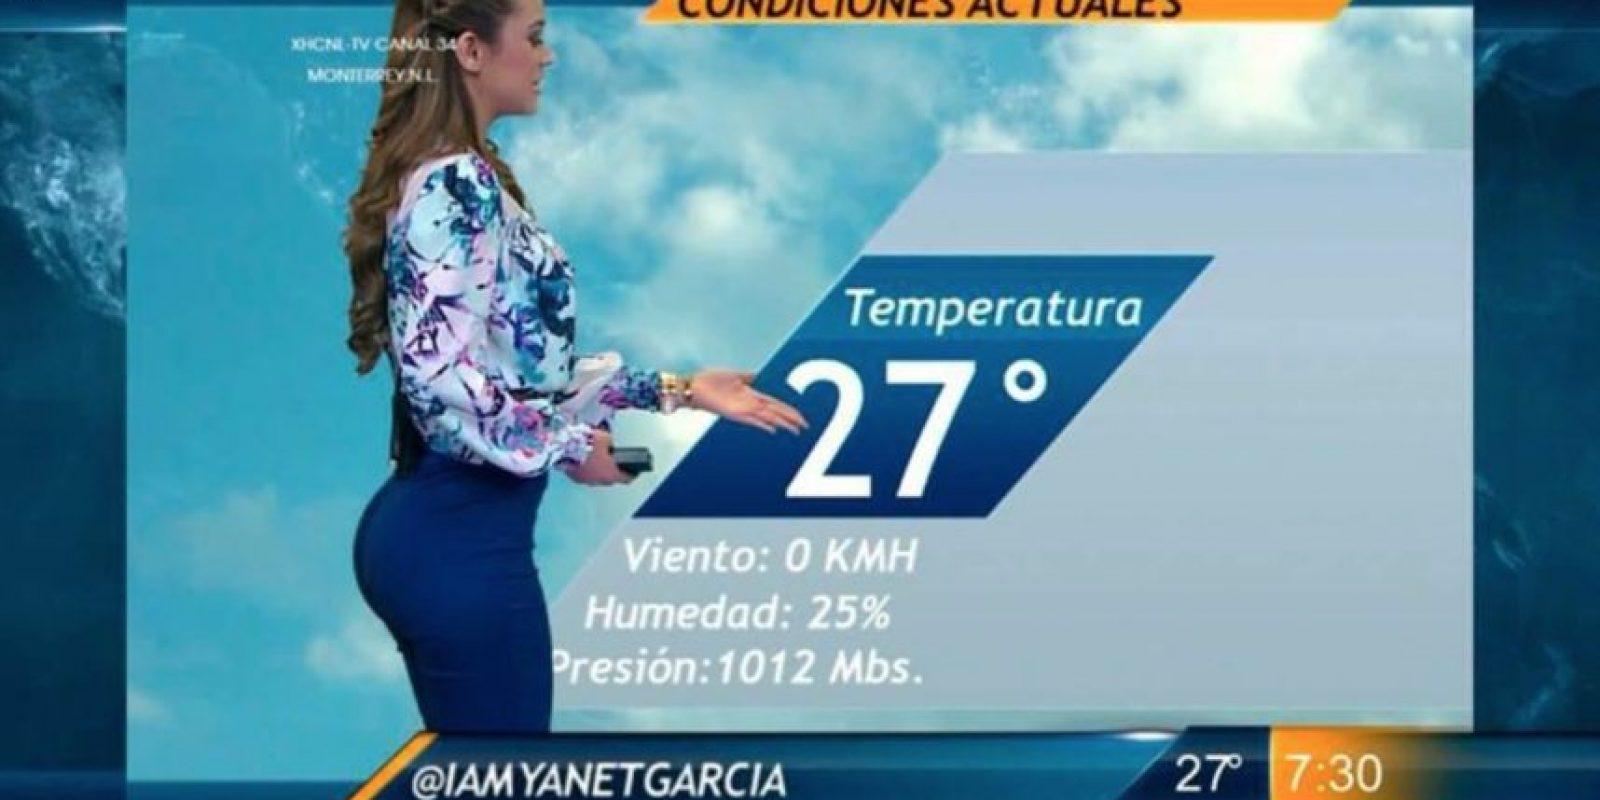 A sus 19 años ya era una de las bellezas del canal de televisión: Televisa Monterrey. Foto:vía facebook.com/yanetgarciapaginaoficial